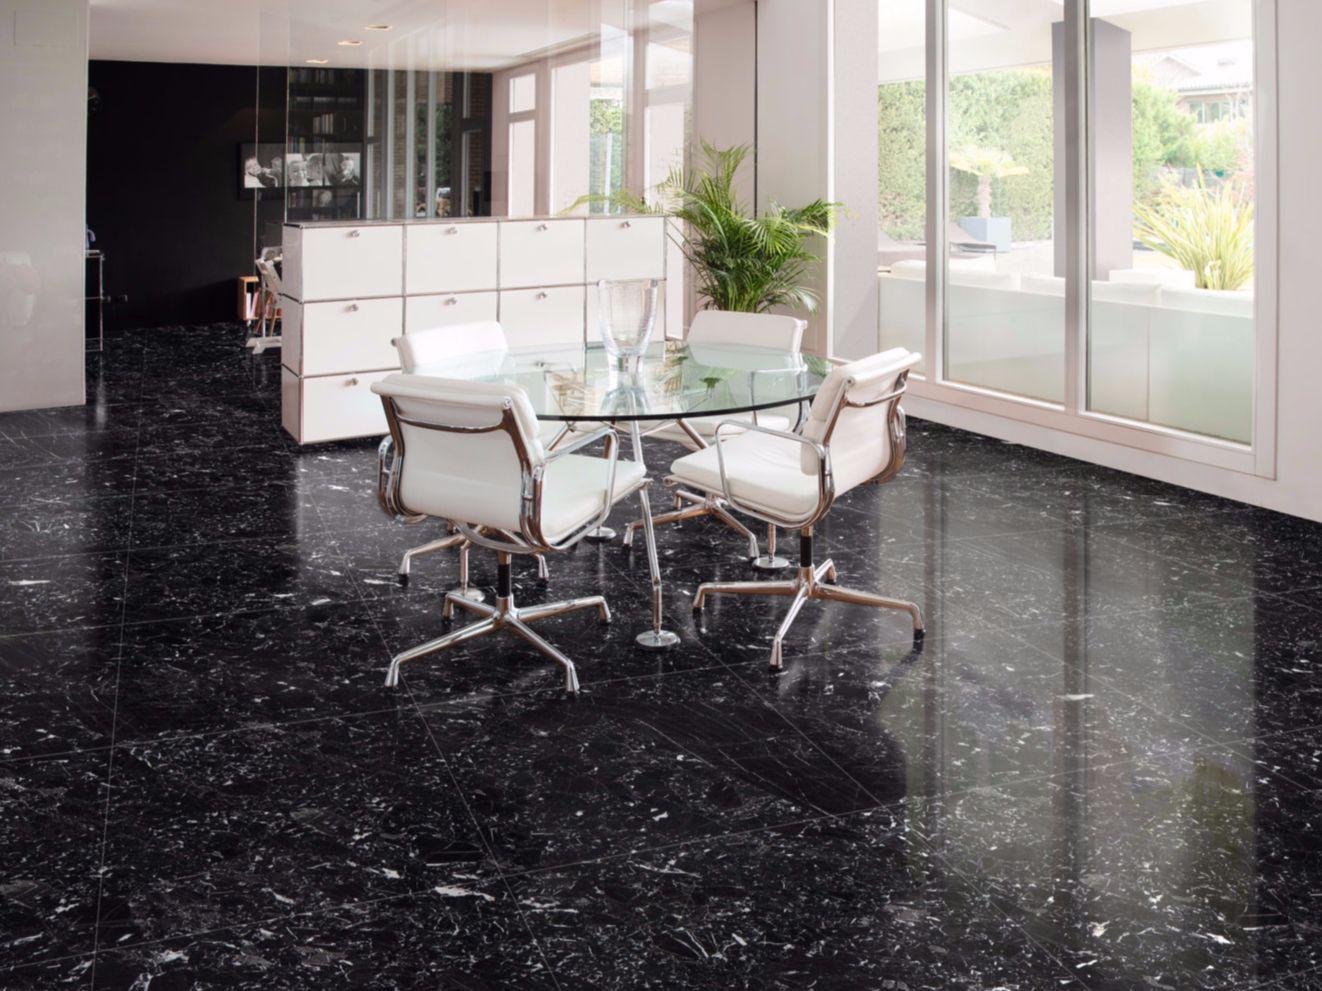 Arredamento Pavimento Scuro ogni stanza un pavimento.. anni '60 :-/ - forum arredamento.it